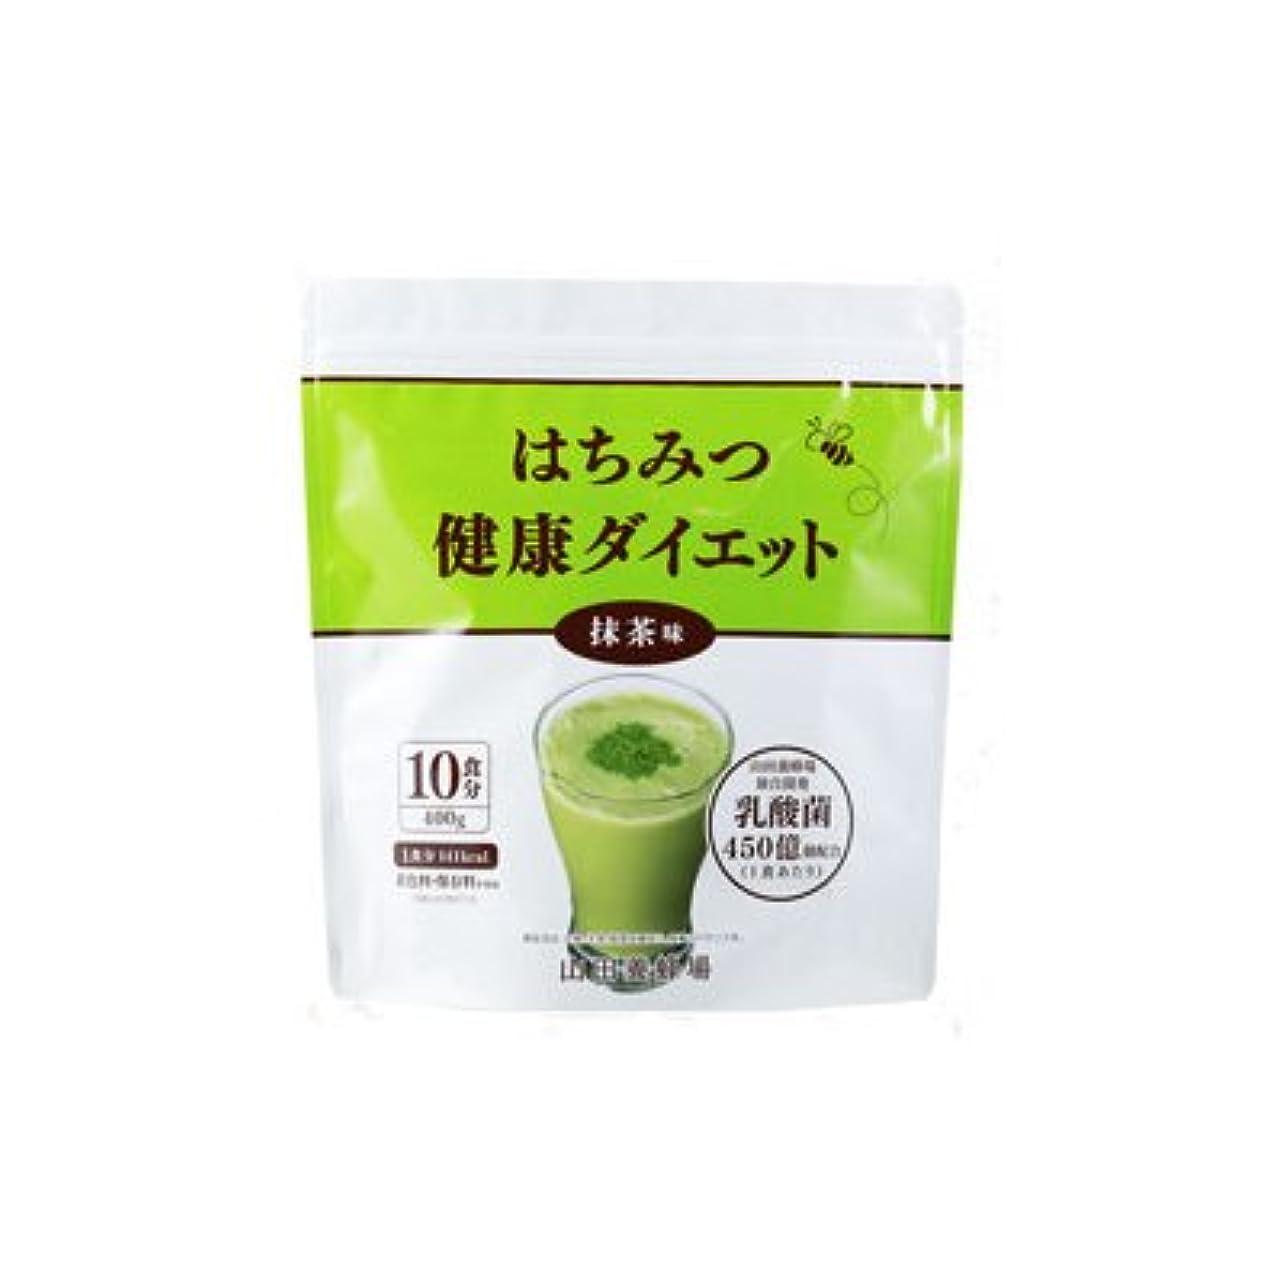 数遊具追跡はちみつ健康ダイエット 【抹茶味】400g(10食分)